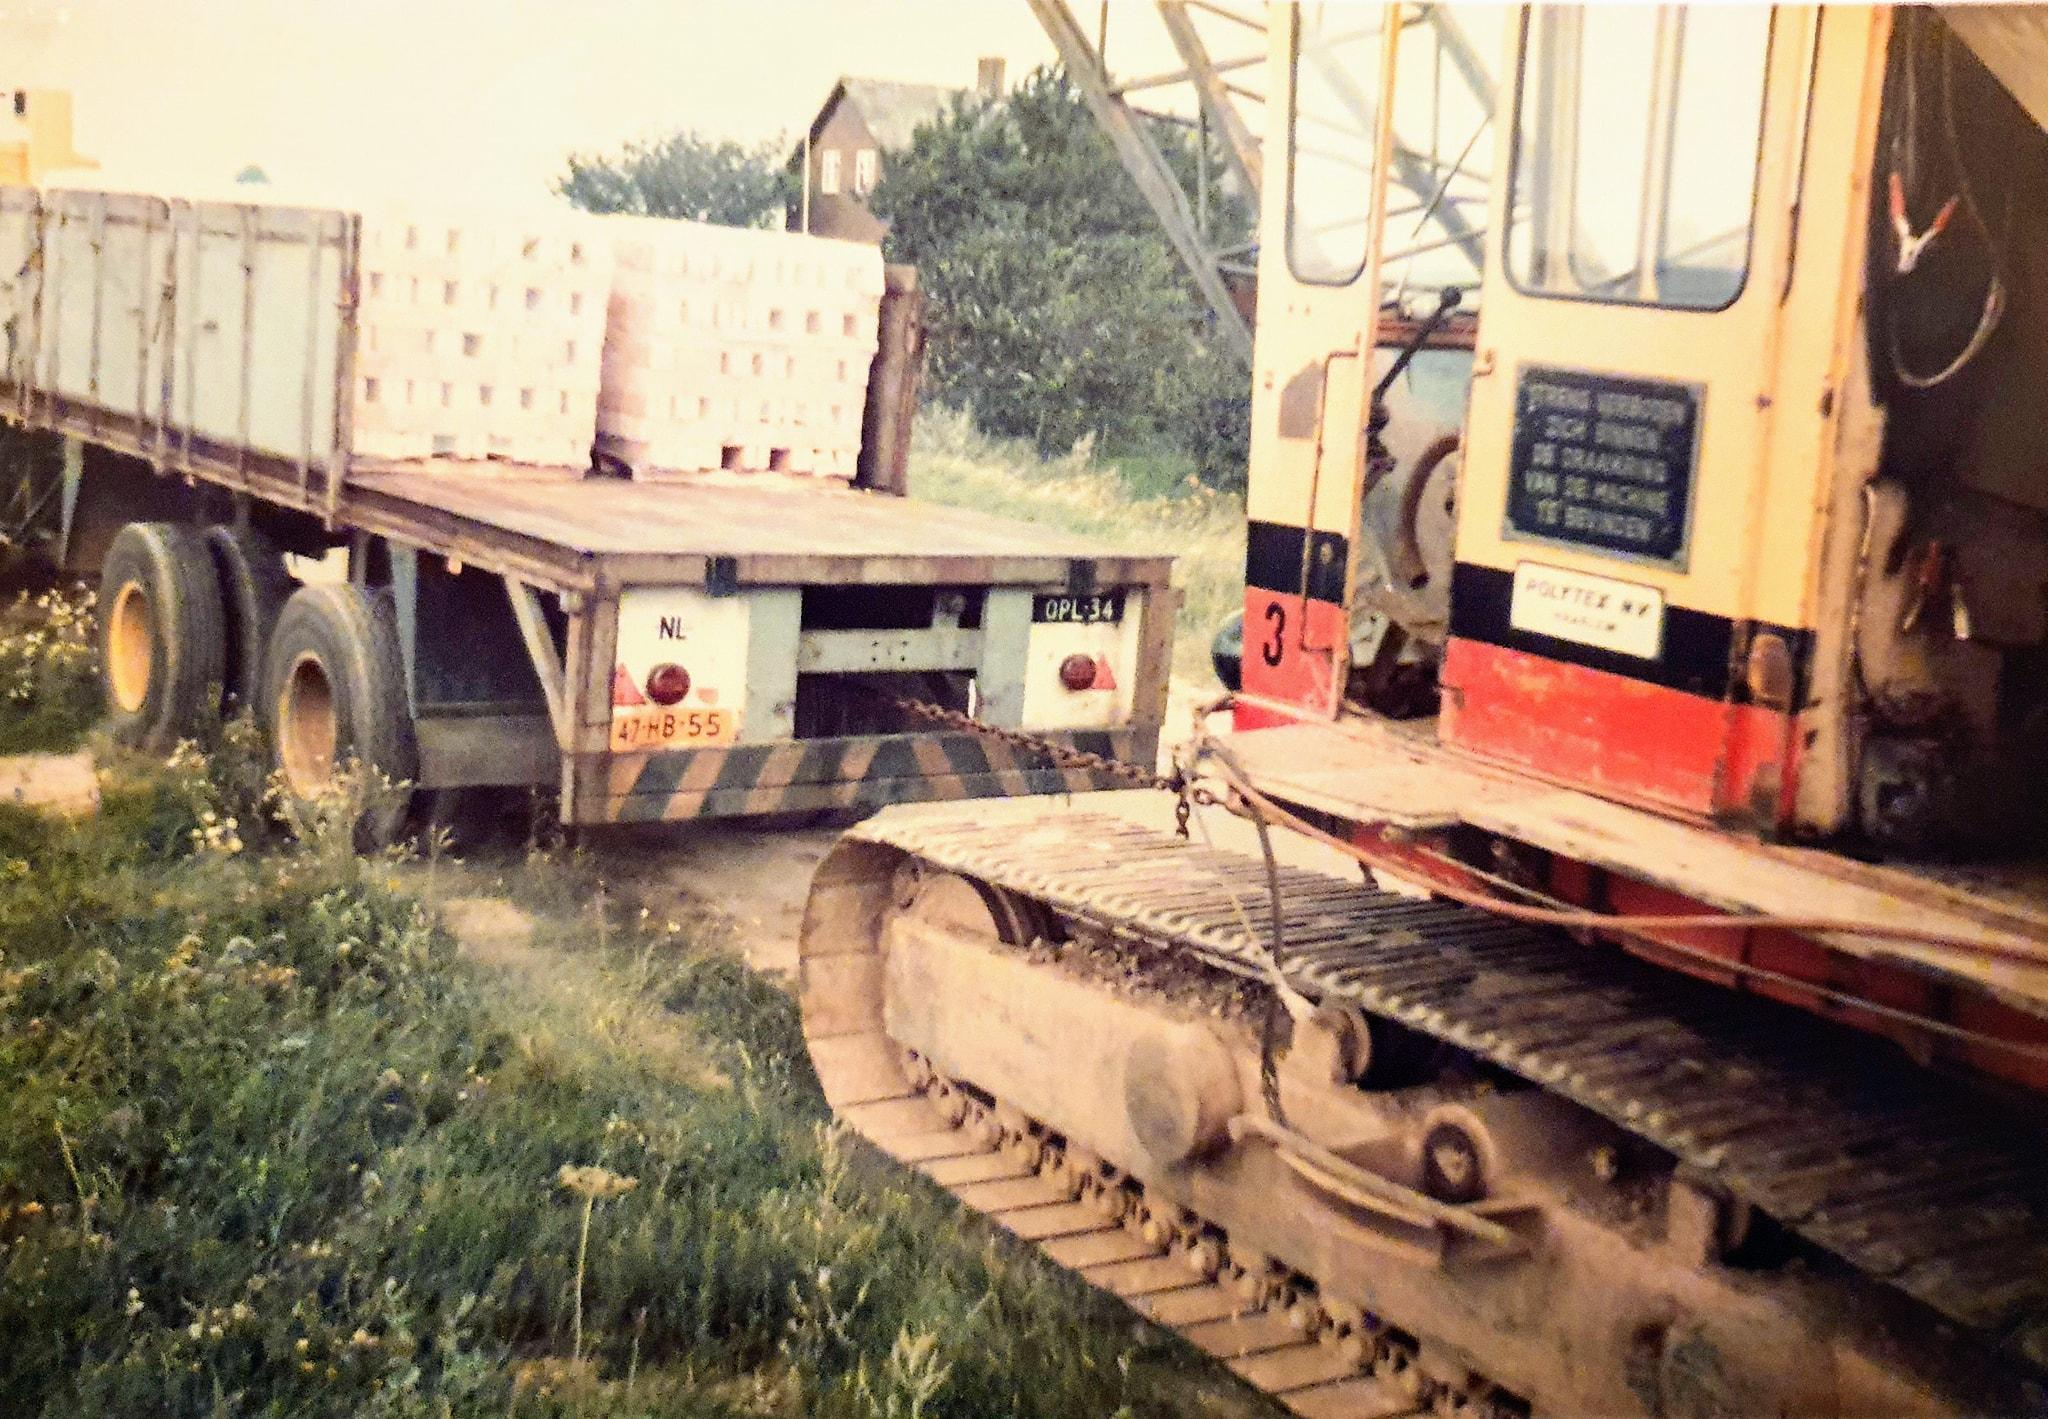 verplaatsen-van-Smith--28-dragline-met-een-kapotte-motor-met-de-Volvo-F10-nr--226-Chauffeur-Wim-Megens--Mijn-vader--met-een-geladen-Groenewegen-oplegger-nr-34-Han-archief--3